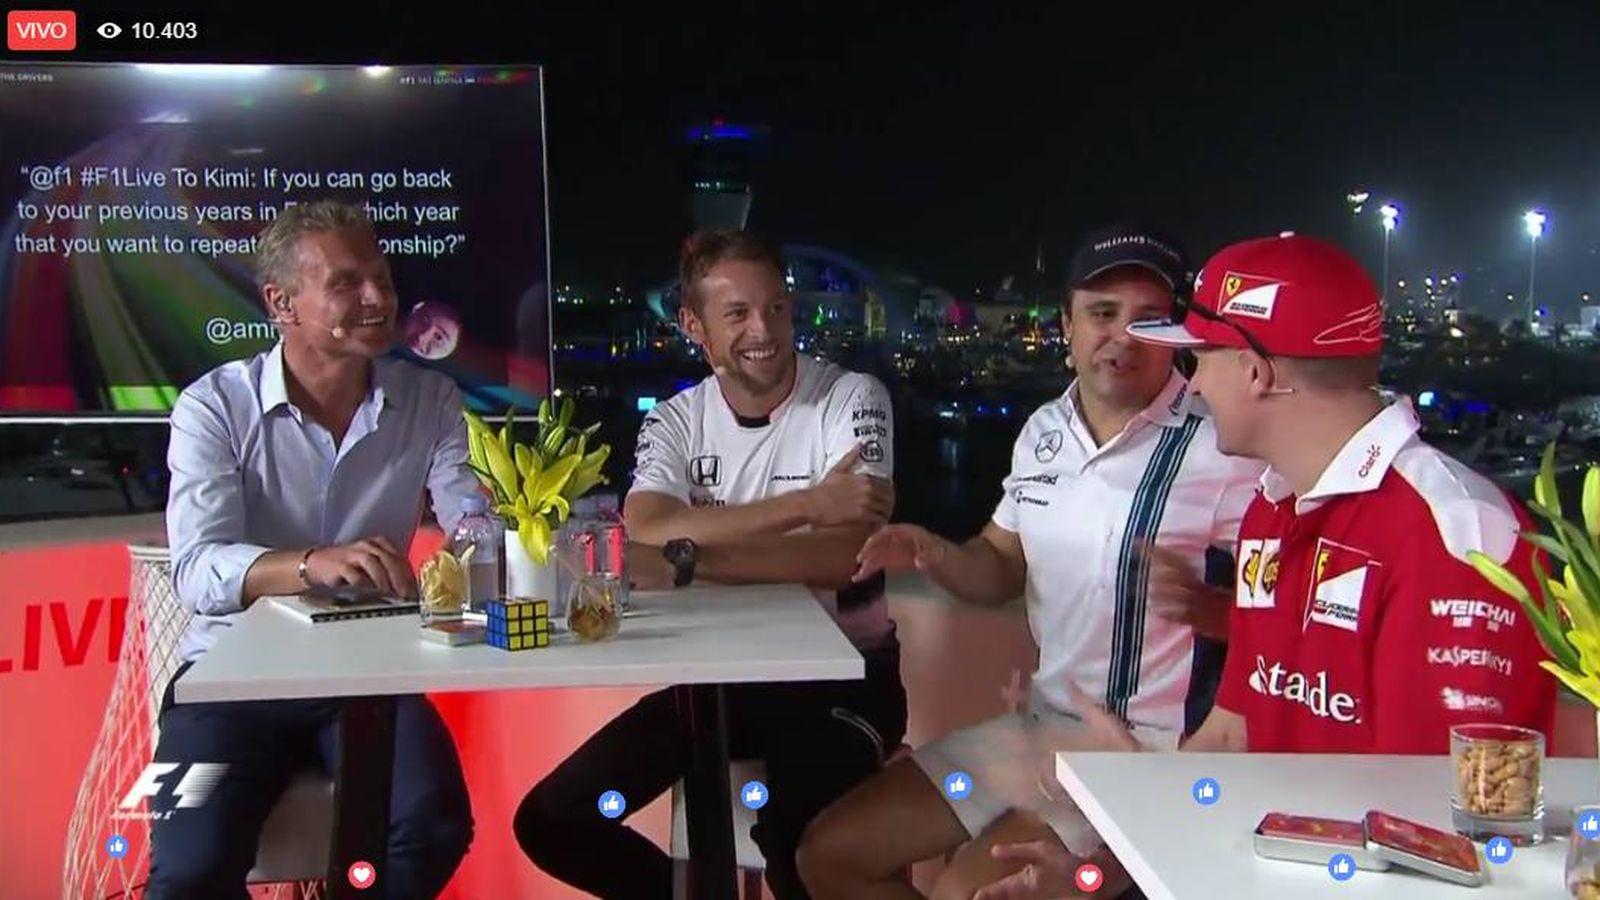 Foto: De derecha a izquierda: Coulthard, Button, Massa y Raikkonen.